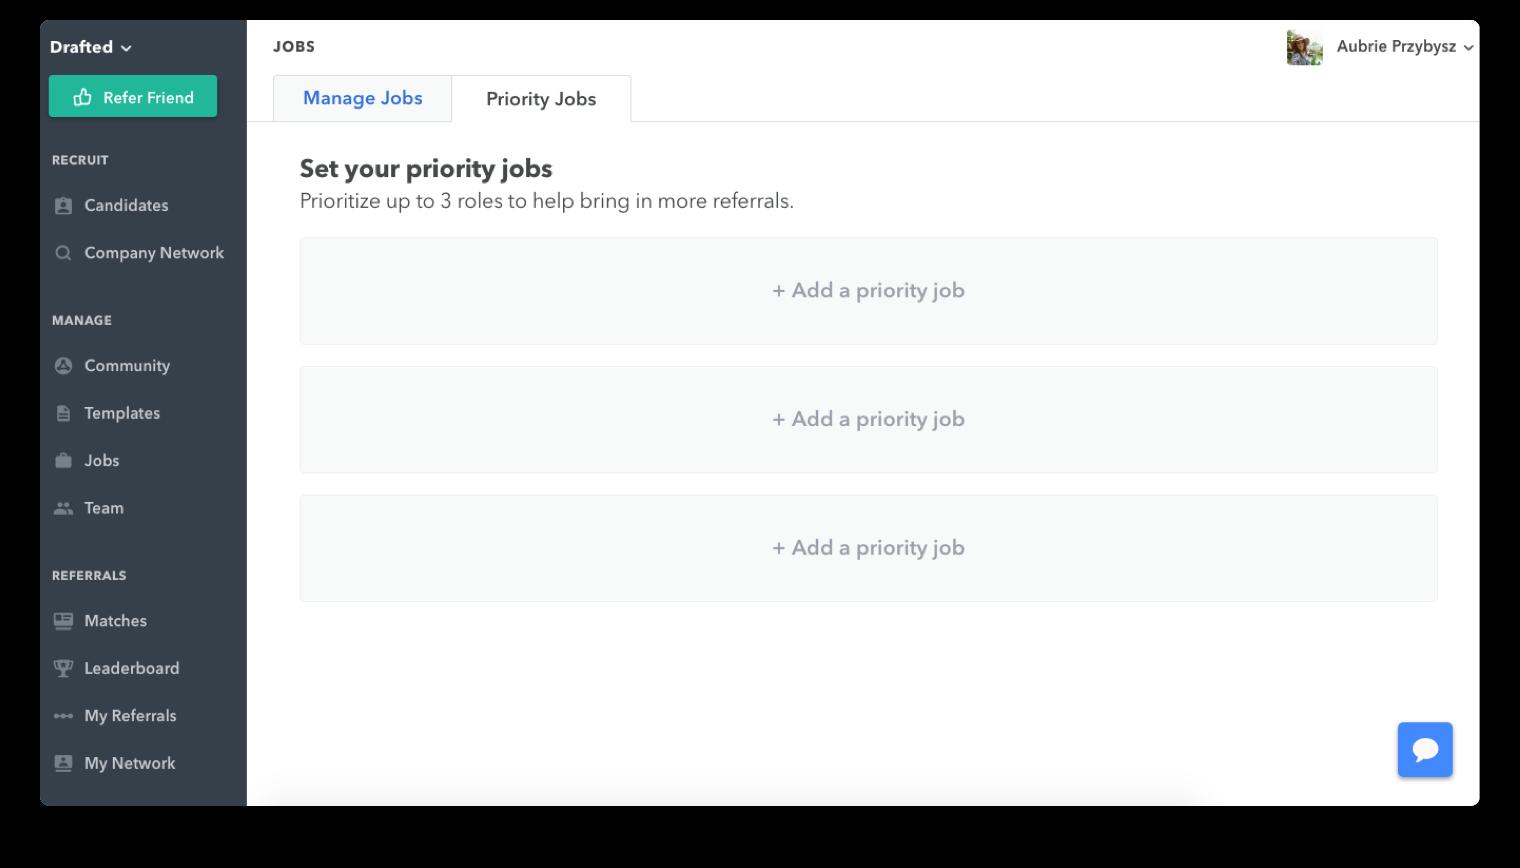 Priority Jobs